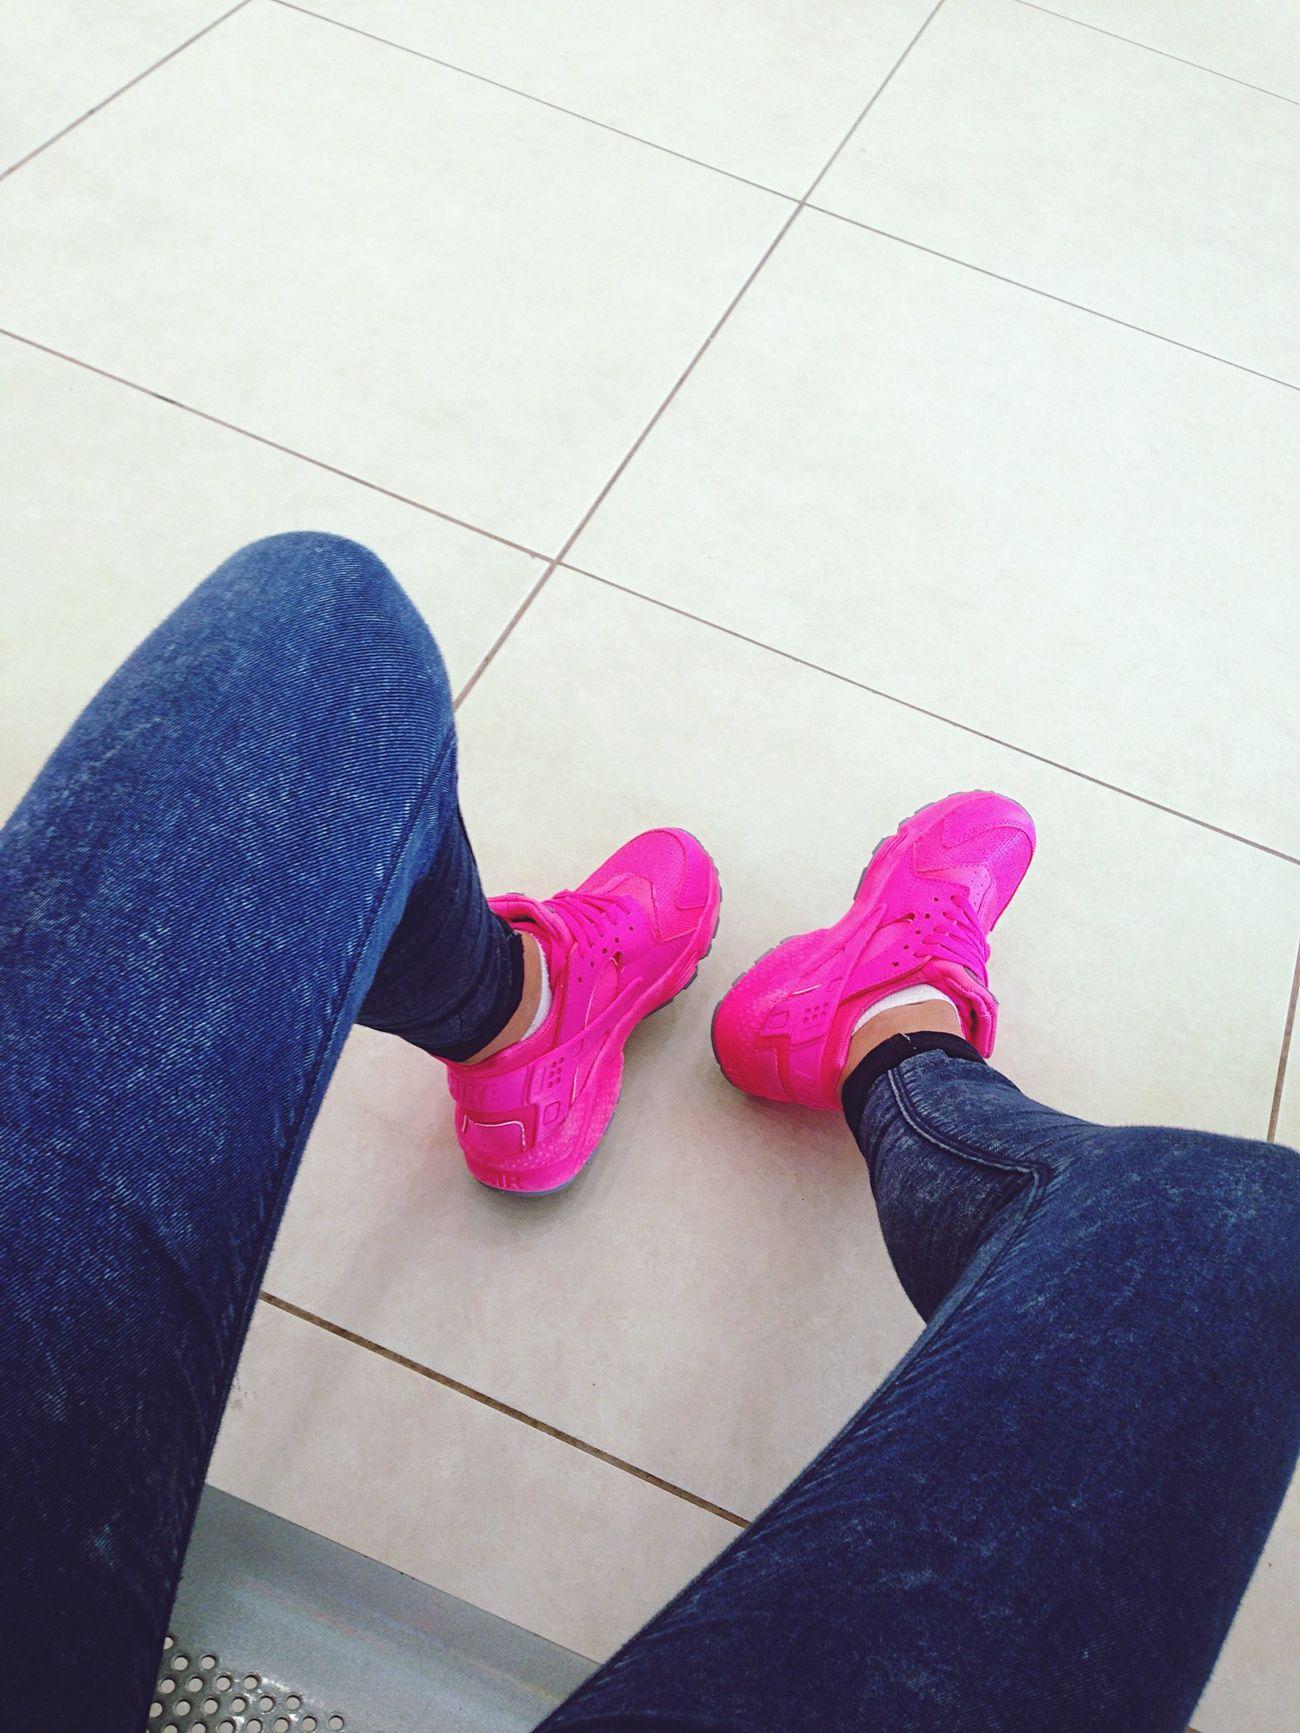 моя розовая любовь💗 лавсвоихдевок